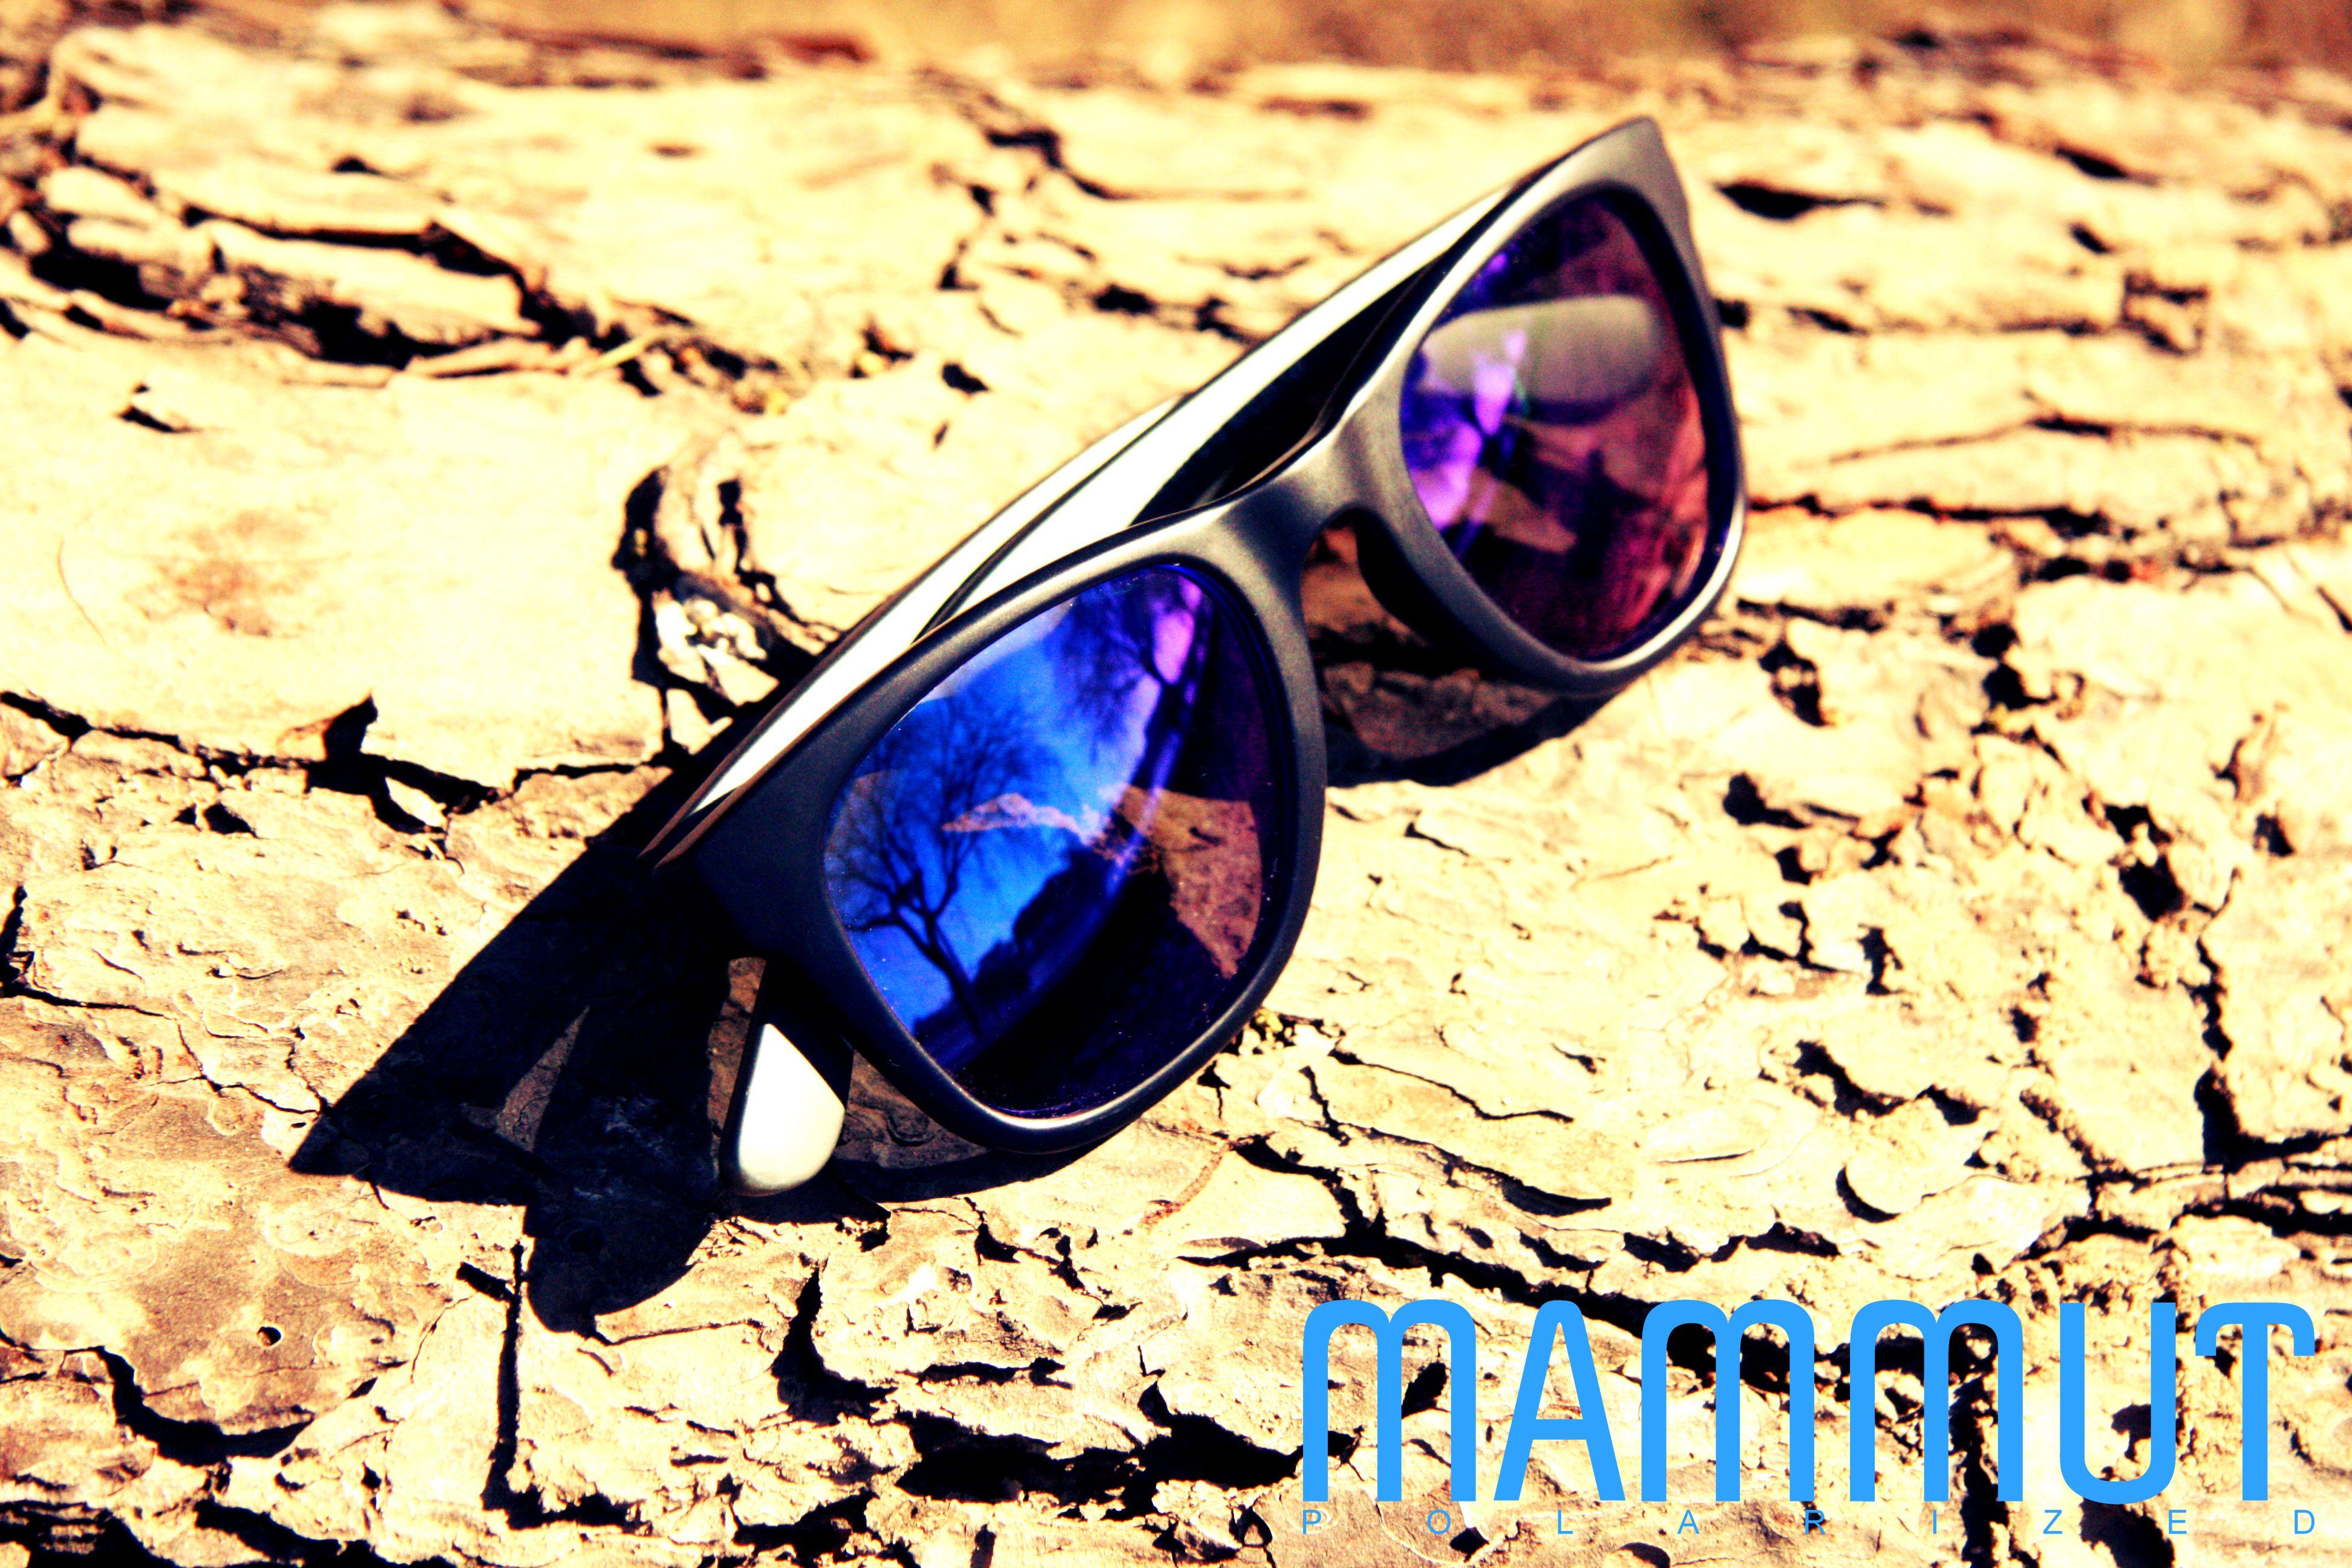 Modelo #Apalache con montura negra y lente de espejo azul ...